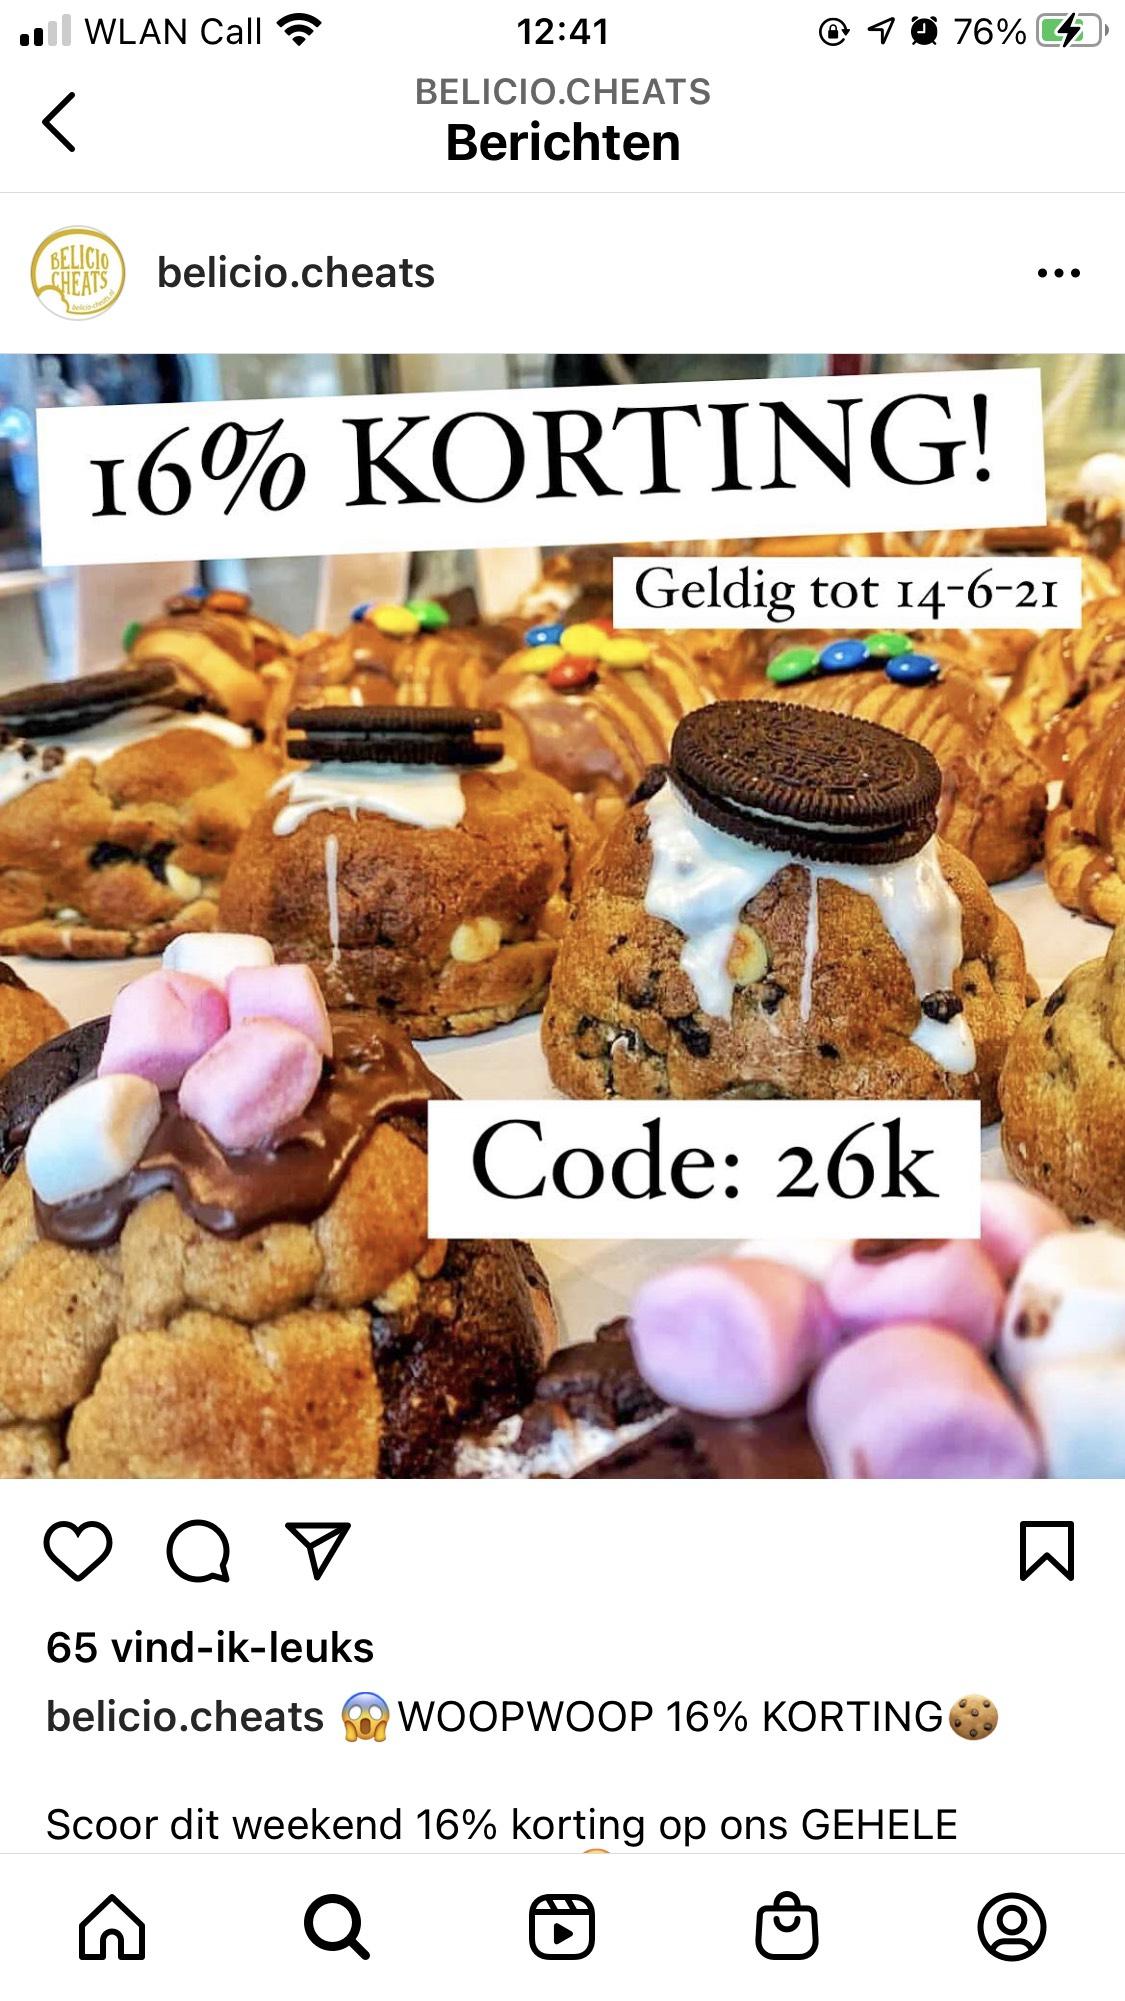 16% Korting bij Belicio Cheats